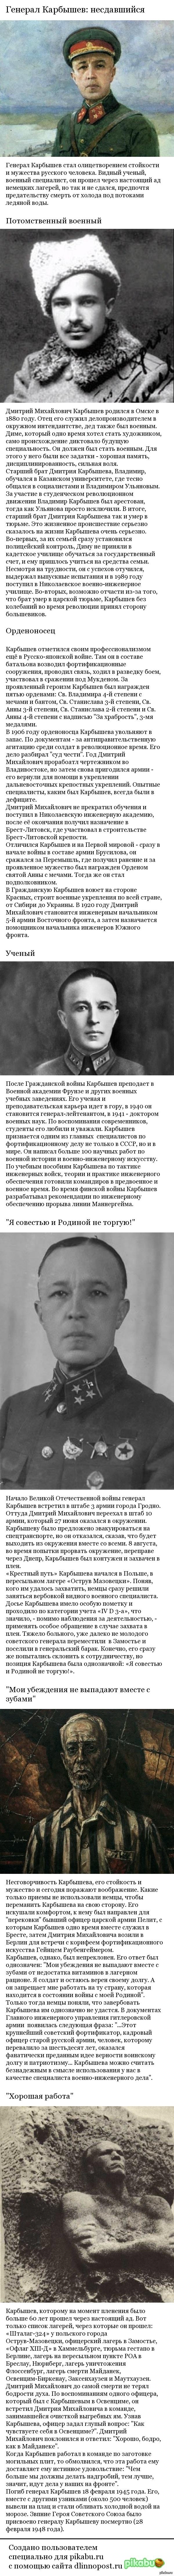 Генерал Карбышев: несдавшийся